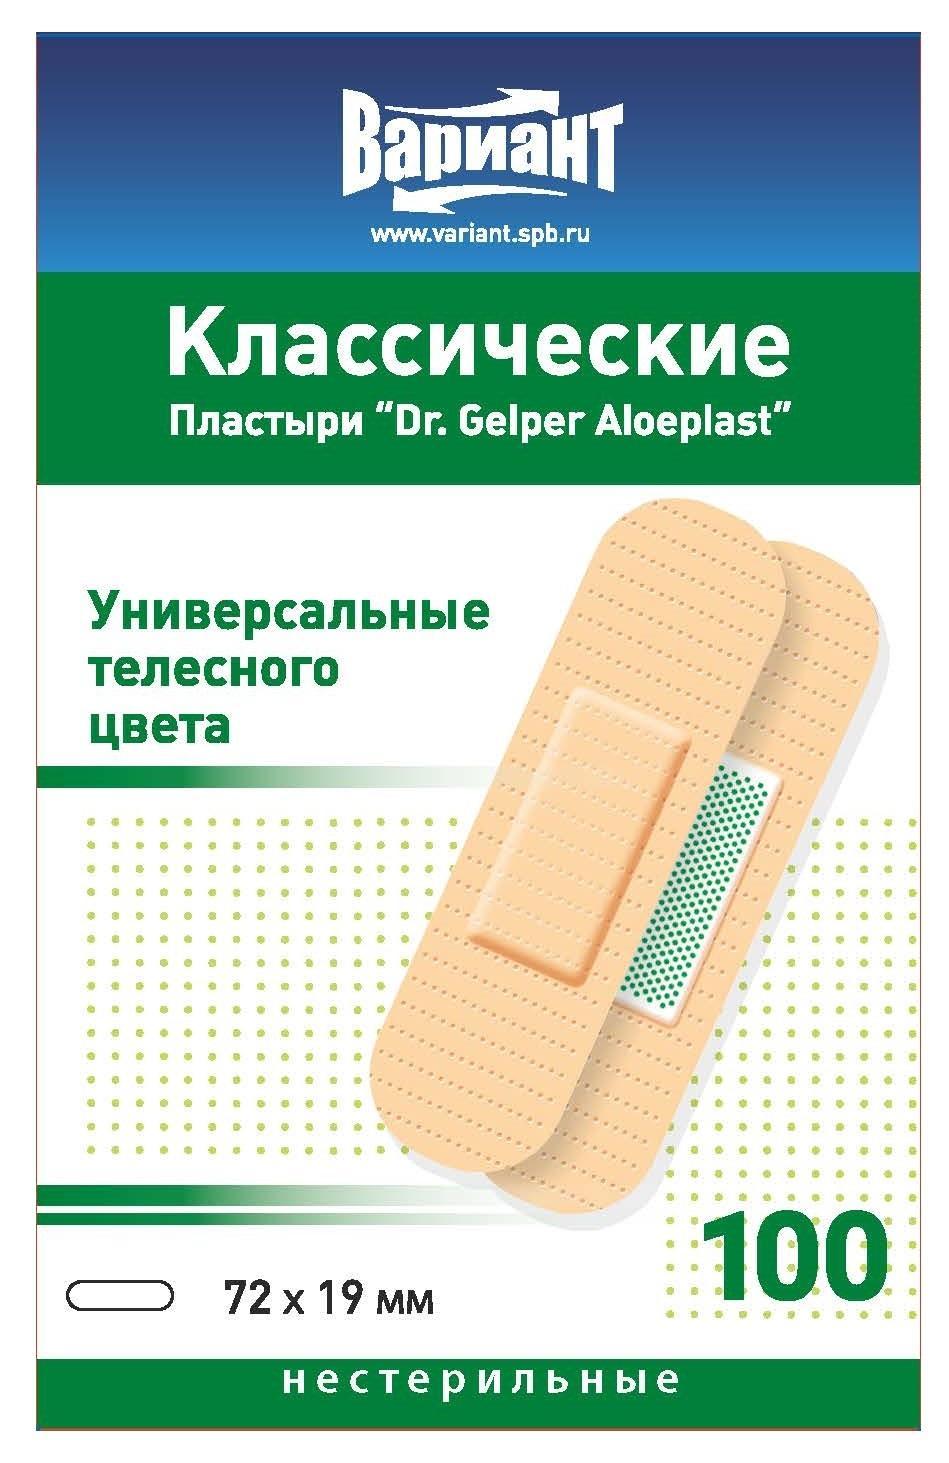 Пластыри Dr. Gelper Aloeplast классические универсальные 100 шт.